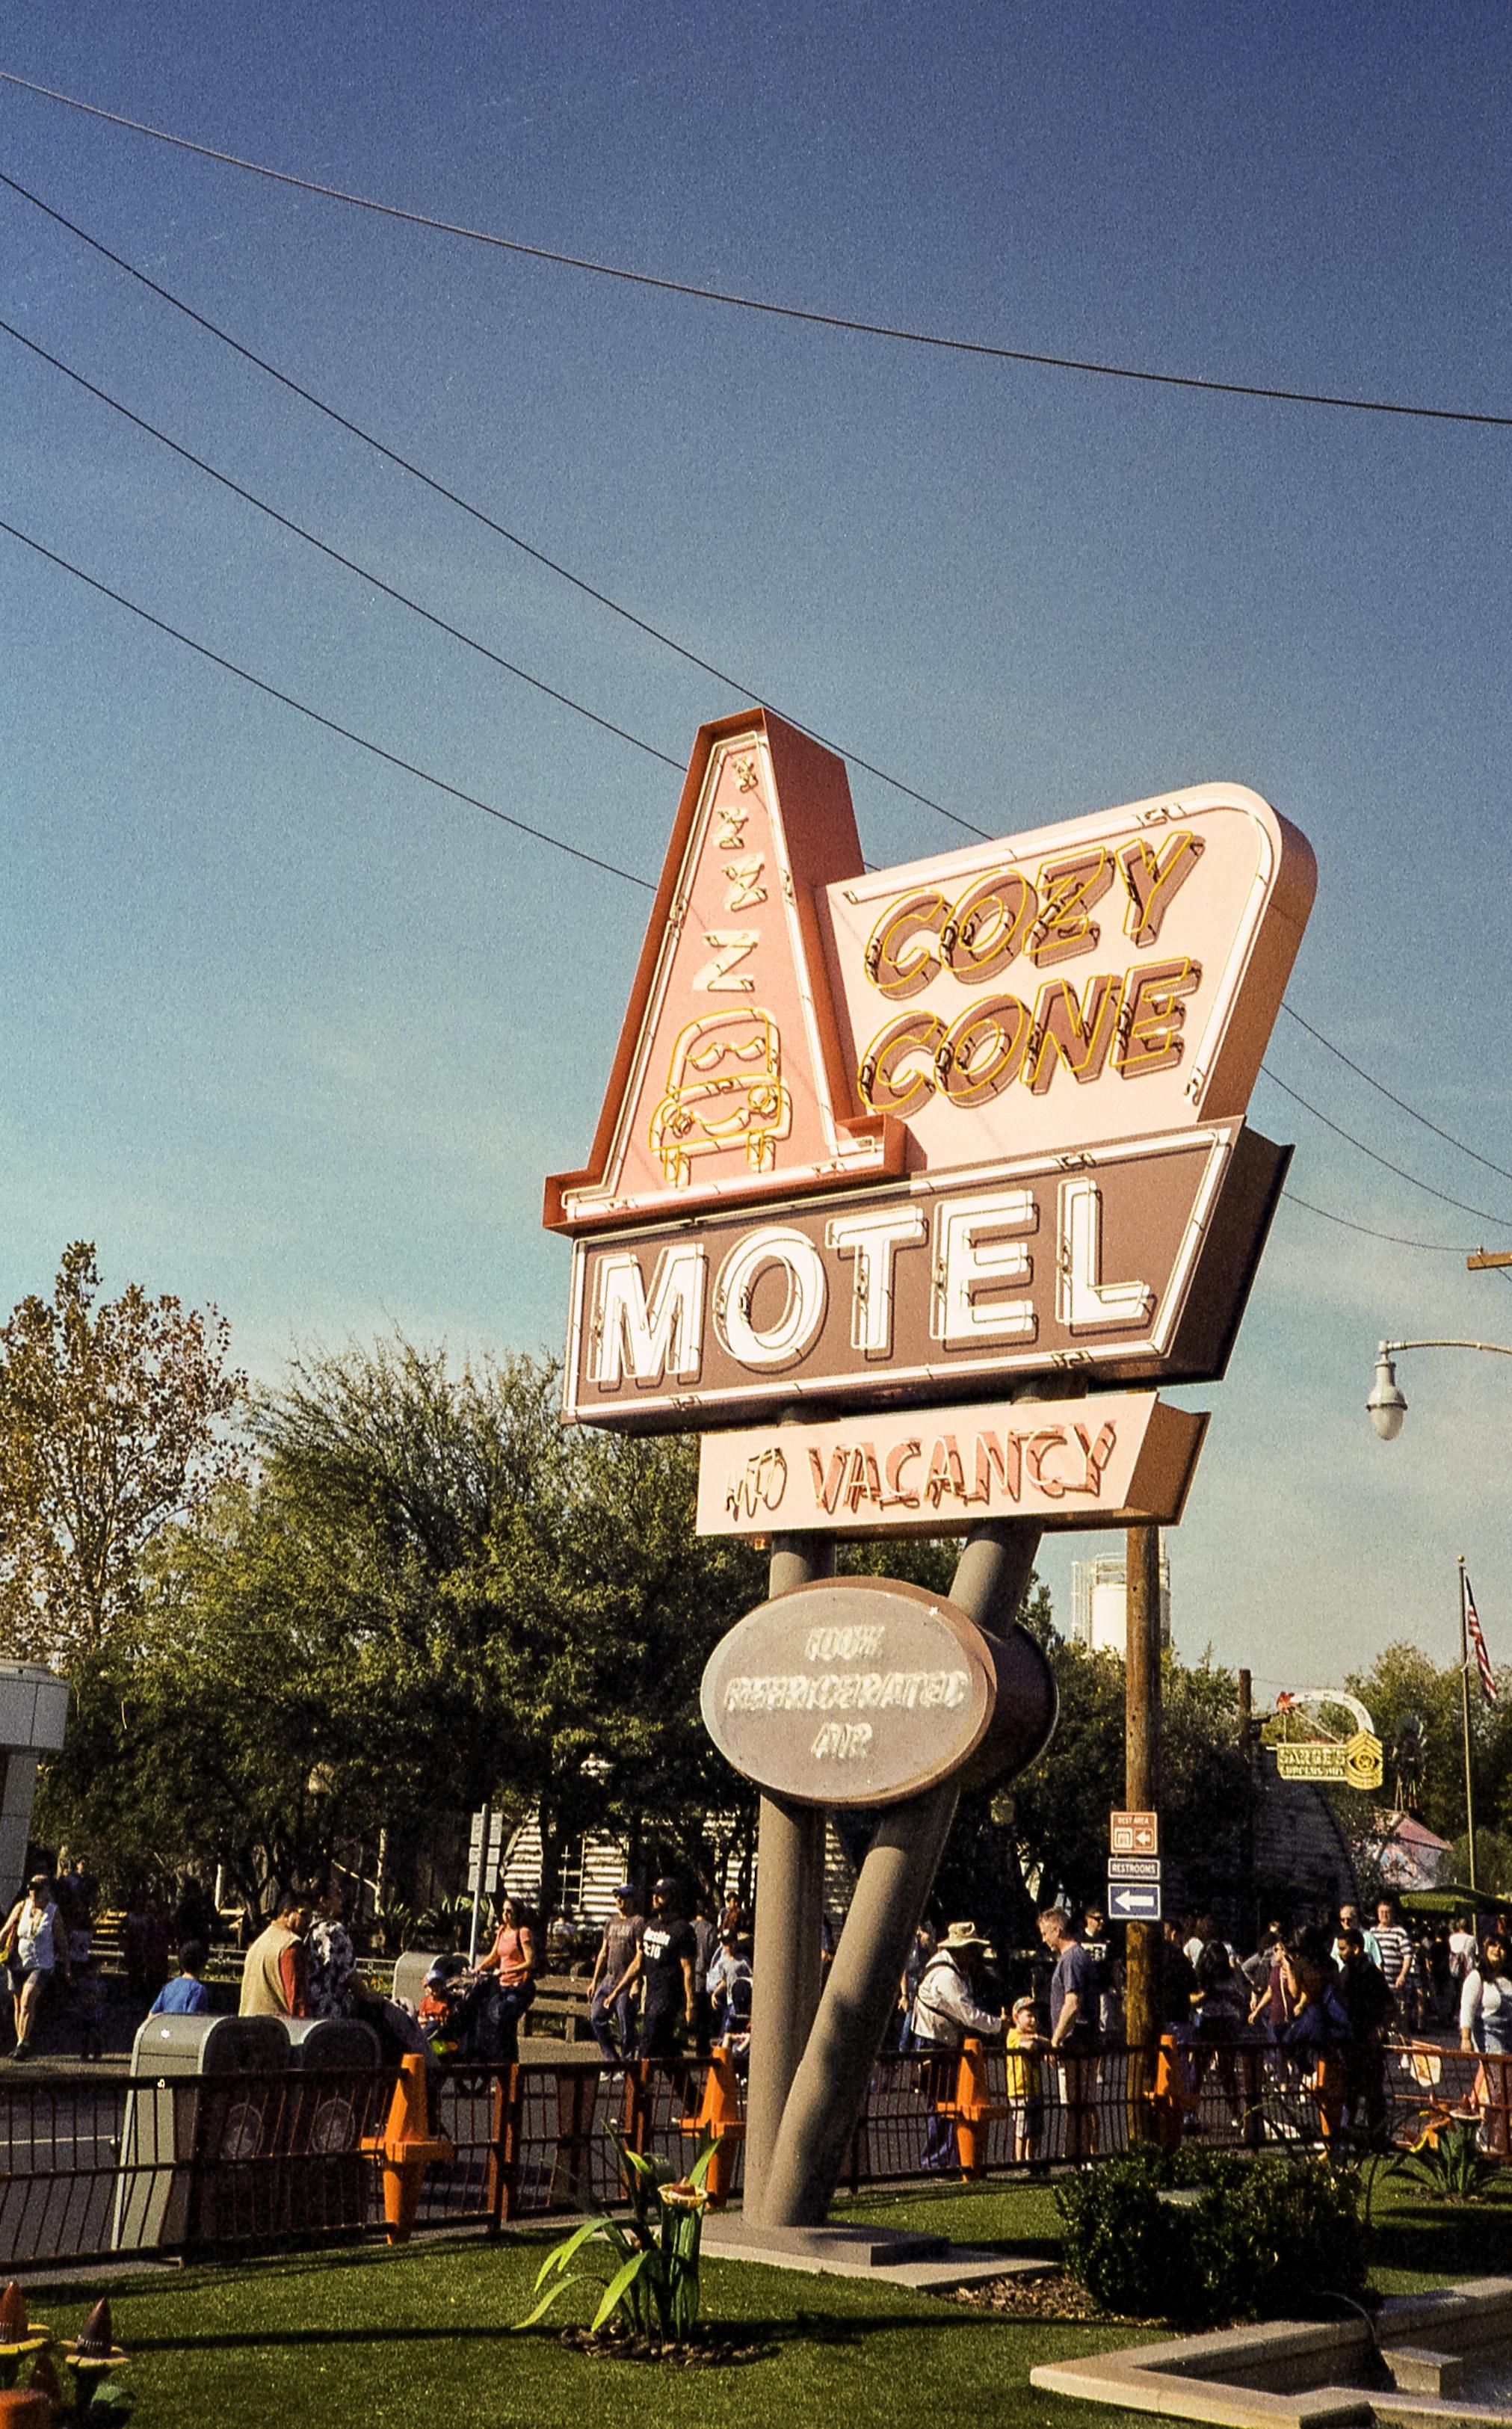 The Cozy Cone